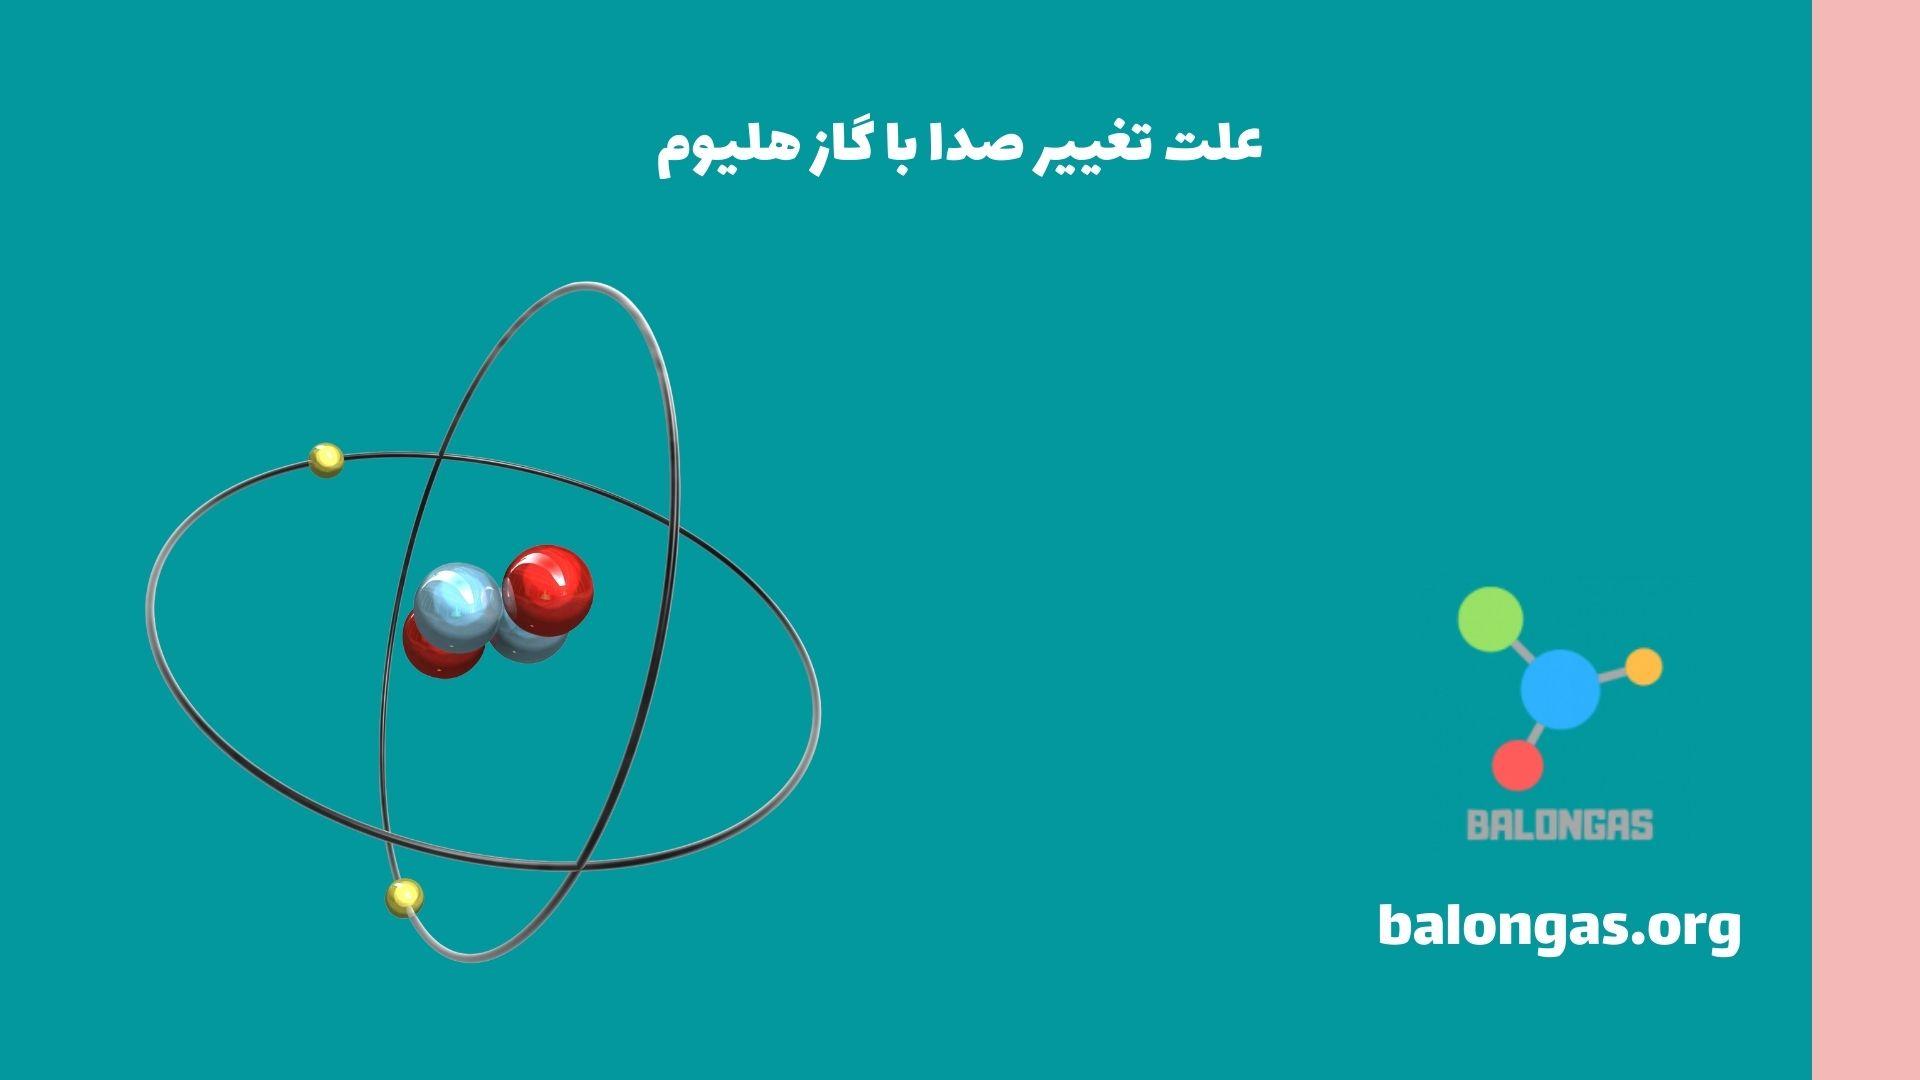 علت تغییر صدا با گاز هلیوم